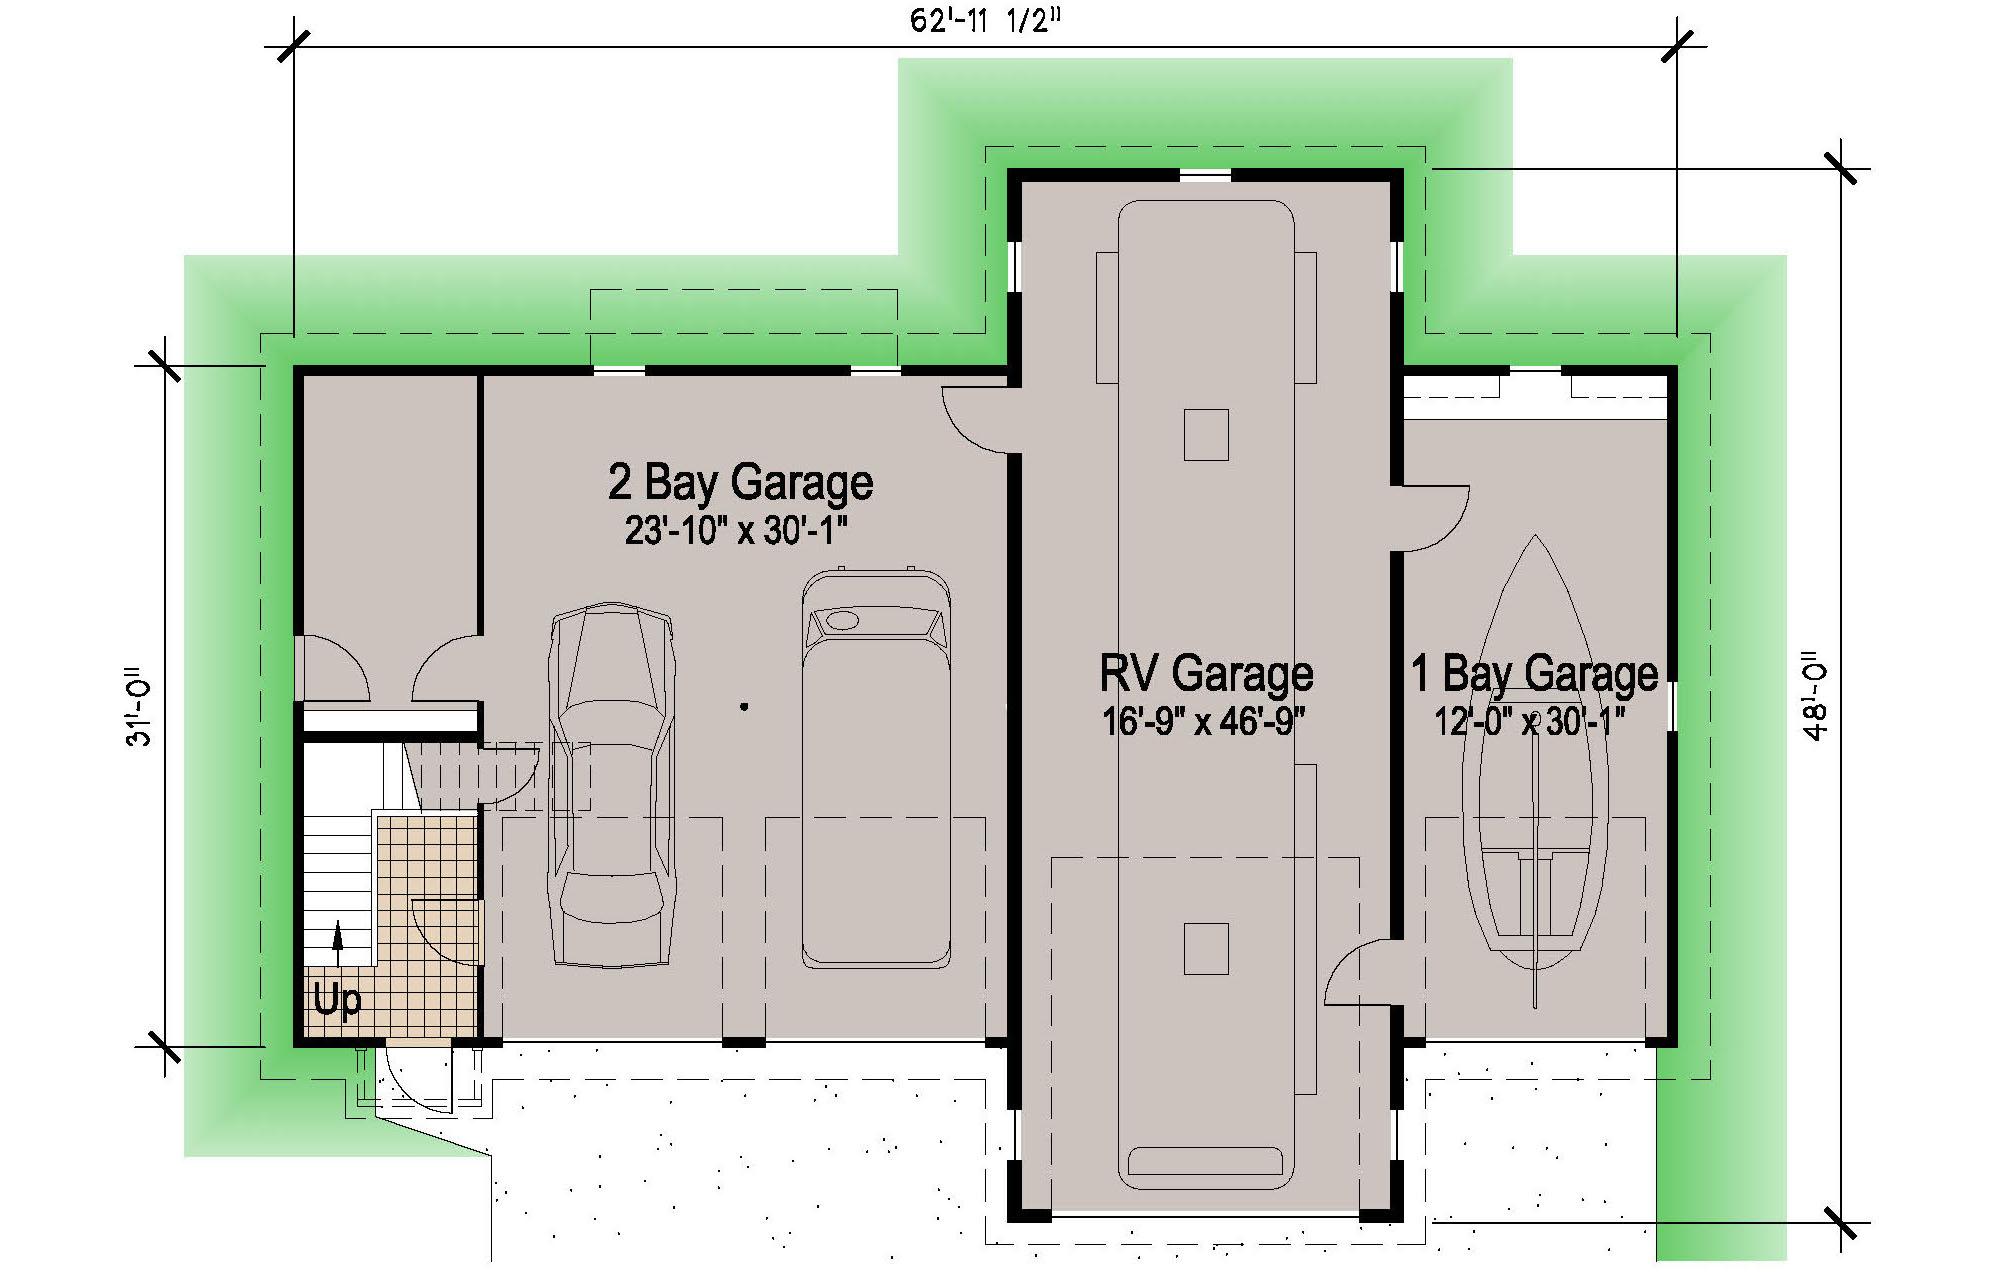 Island RV Garage 45 Motor Home Southern Cottages – 2 Bay Garage Plans